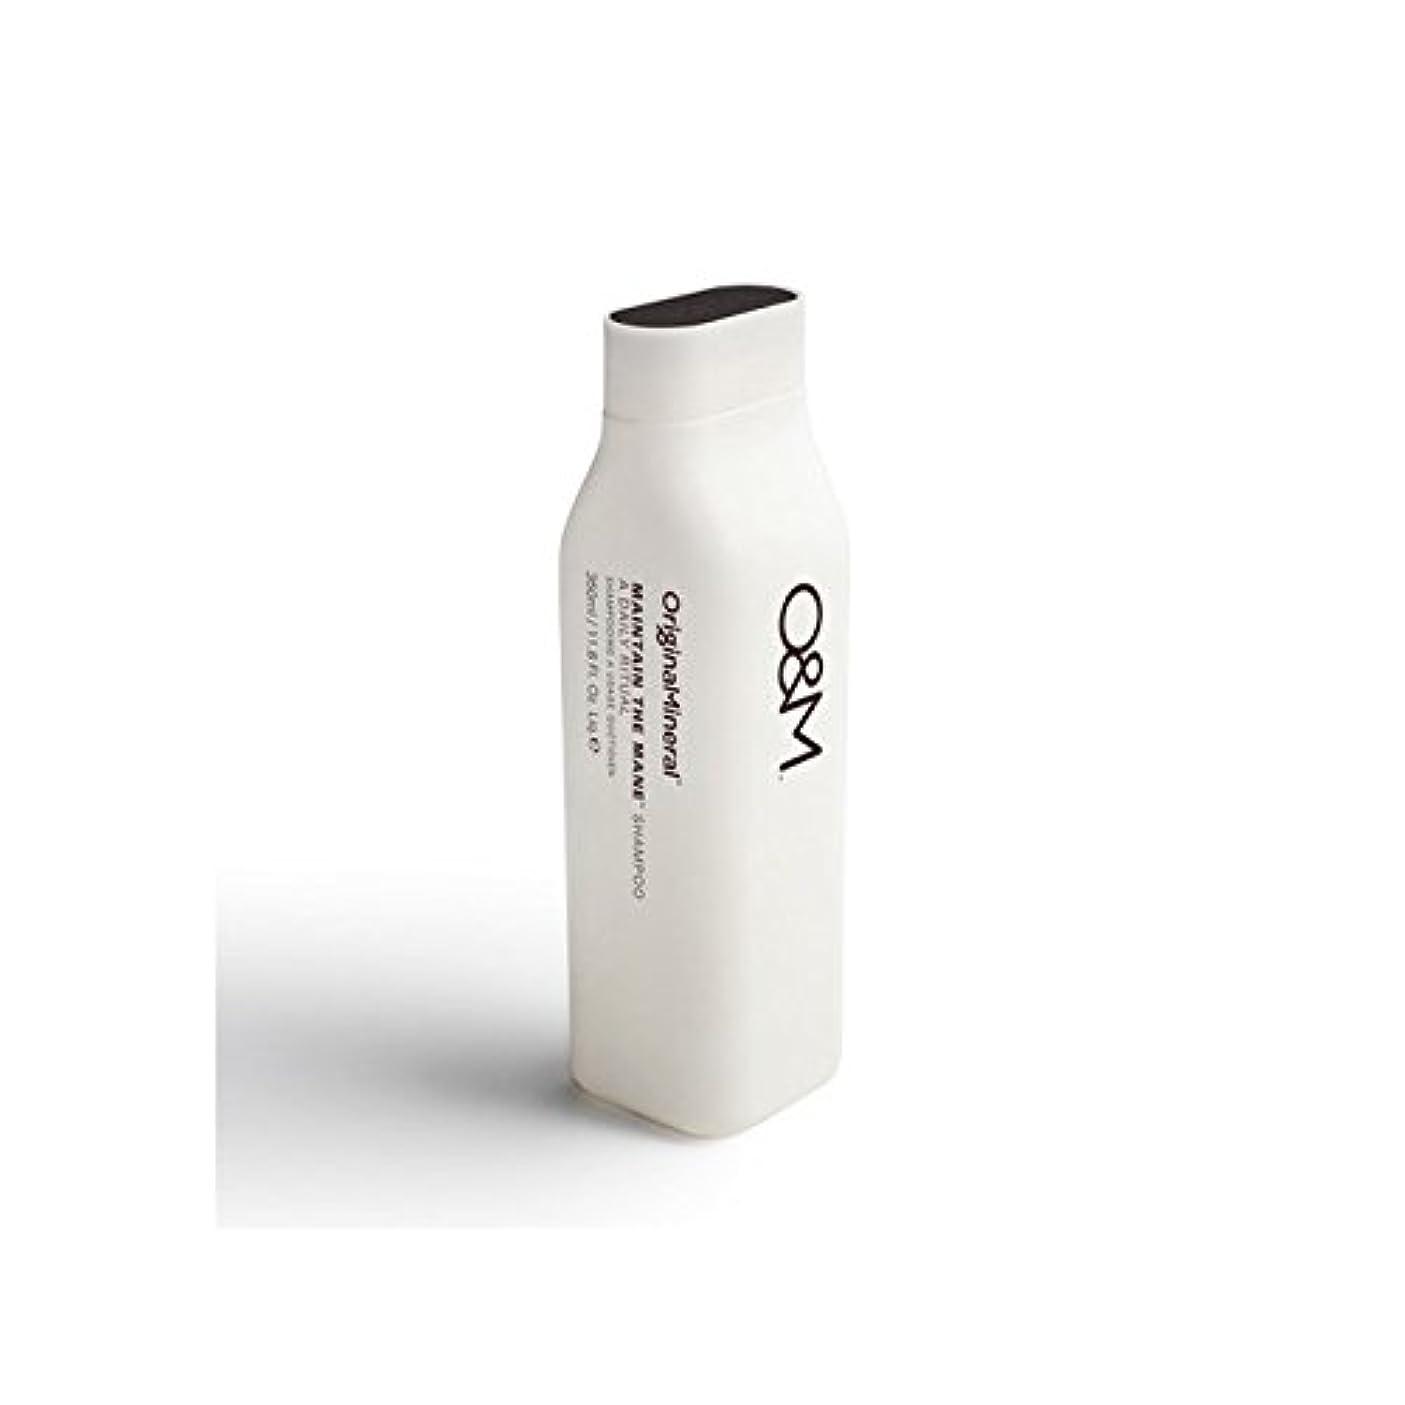 ナインへスーツアンデス山脈Original & Mineral Maintain The Mane Shampoo (350ml) (Pack of 6) - オリジナル&ミネラルは、たてがみのシャンプー(350ミリリットル)を維持 x6 [並行輸入品]